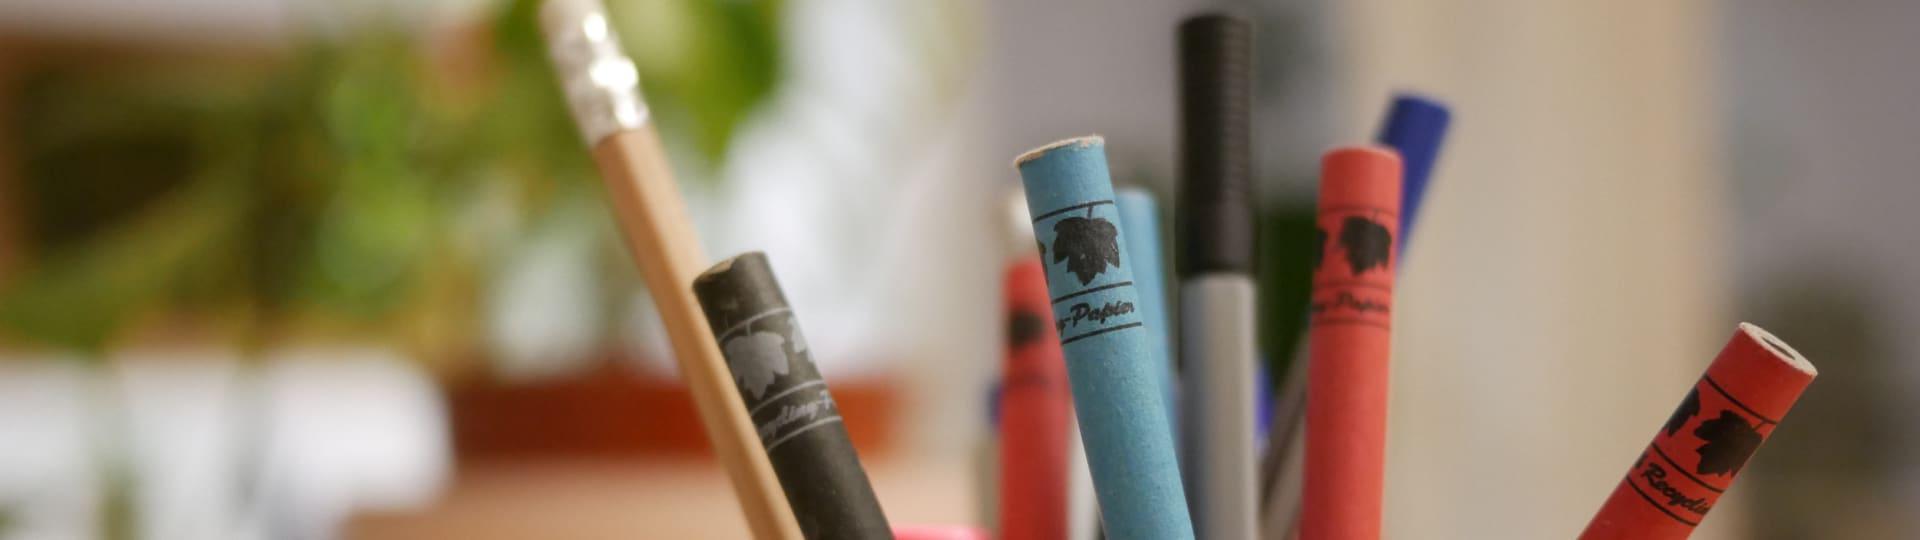 Nachhaltiger Verlagsalltag mit Stiften aus Recyclingpappe und Holz